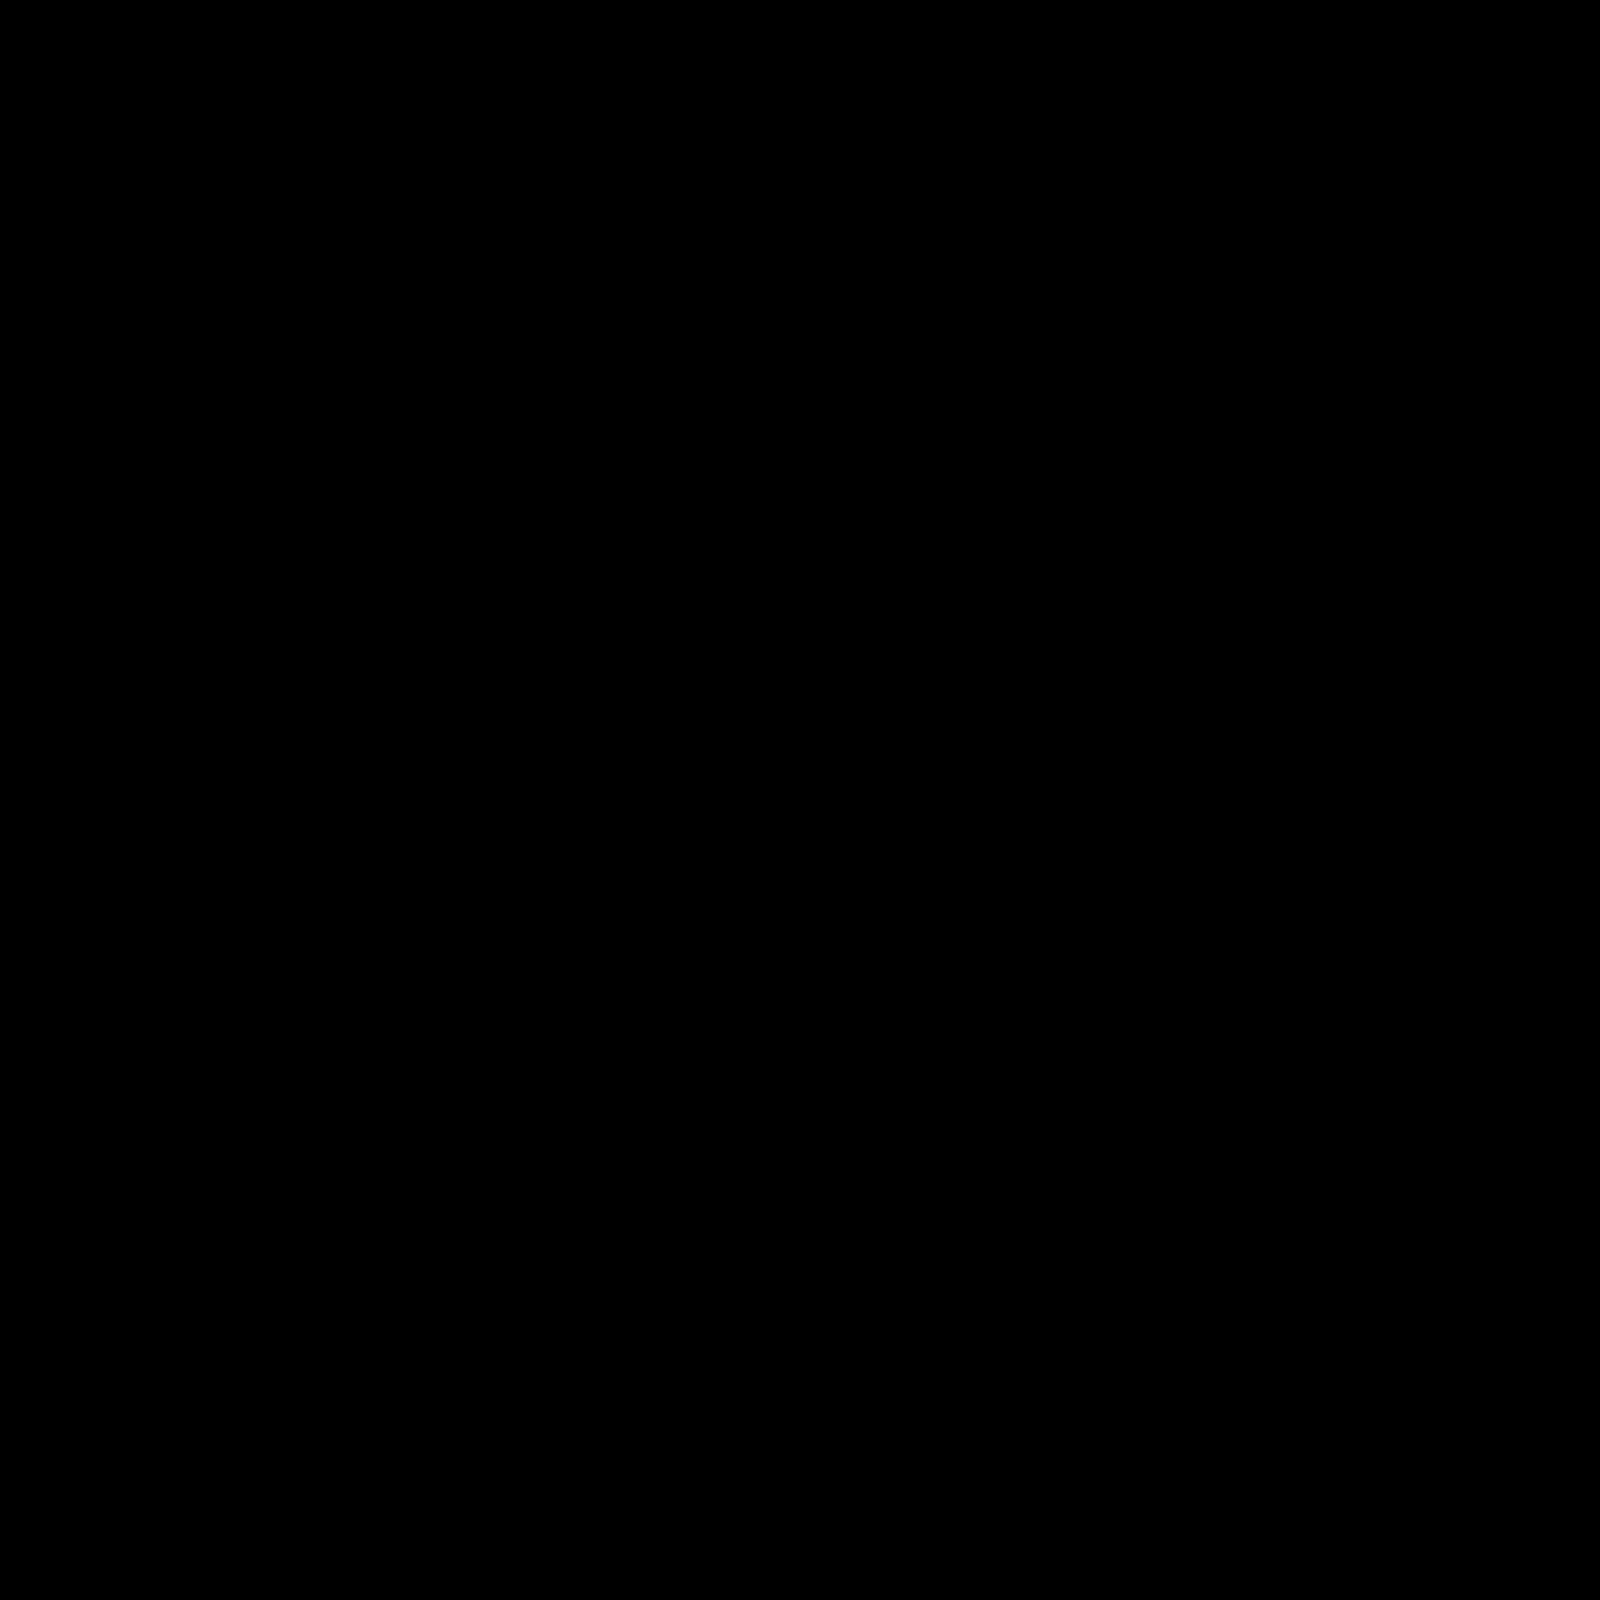 散布図 icon. This is a photo of a 90 degree angle, or just the letter L. There are also 9 circles going from the lower left corner of the L to the upper right, symbolizing a graph.